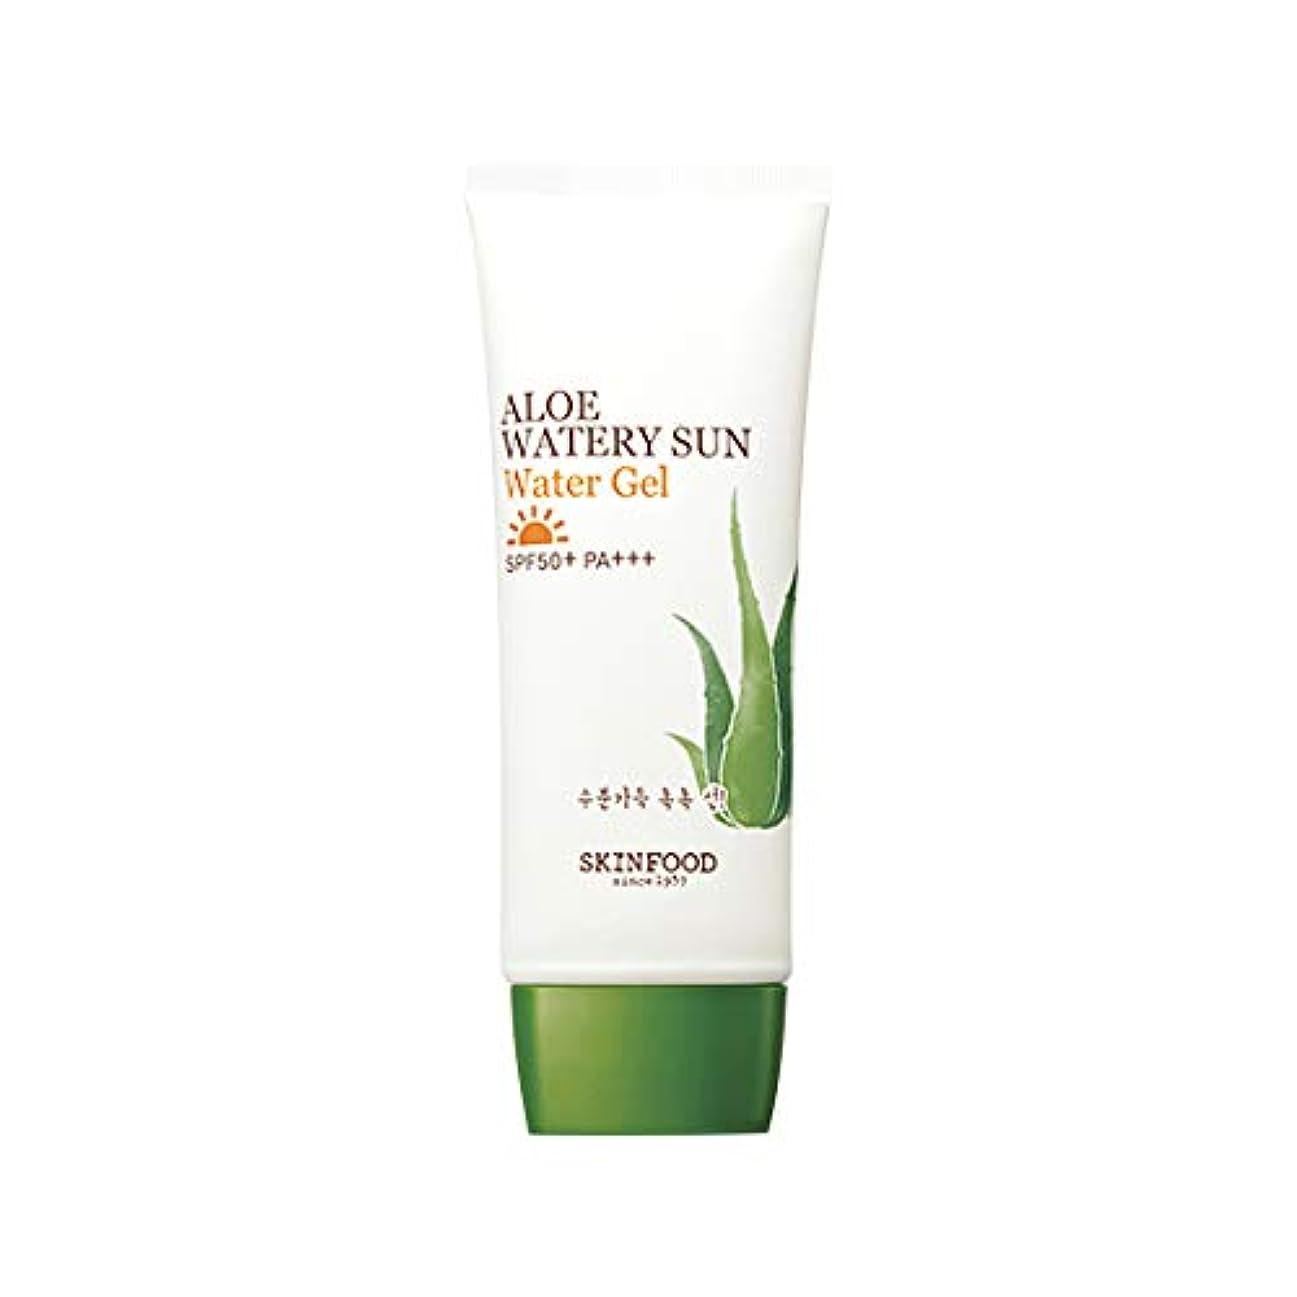 シティ端末証拠Skinfood アロエウォーターサンジェルSPF50 + PA +++ / Aloe Watery Sun Water Gel SPF50+ PA+++ 50ml [並行輸入品]